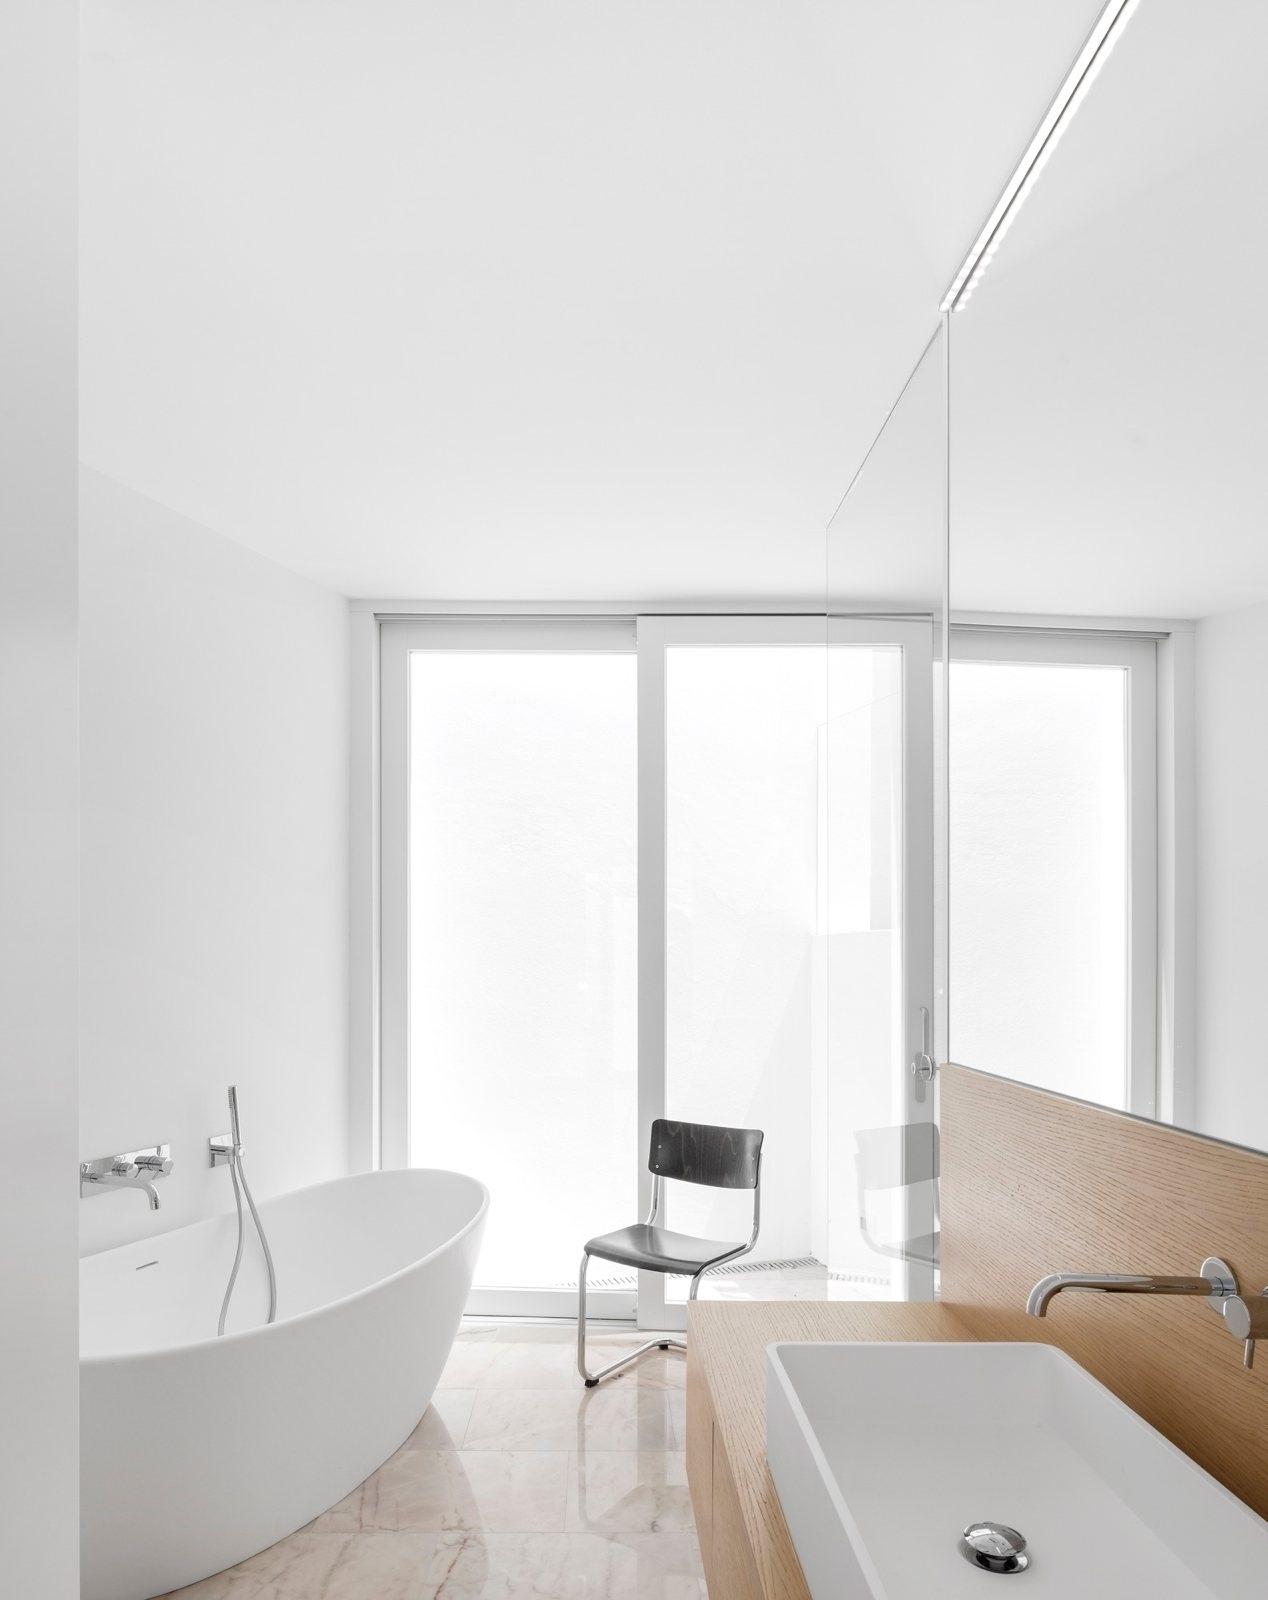 Contemporary wet room. Casa dos - upinteriors | ello